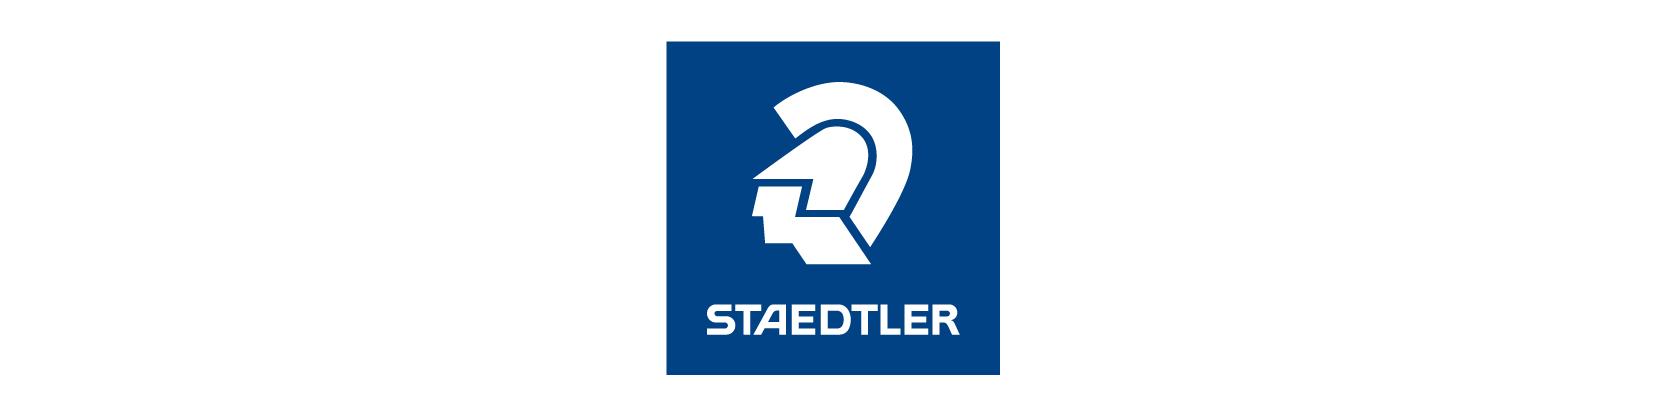 staedtler Logo - Lieferant unseres Bastelladen in Lohne